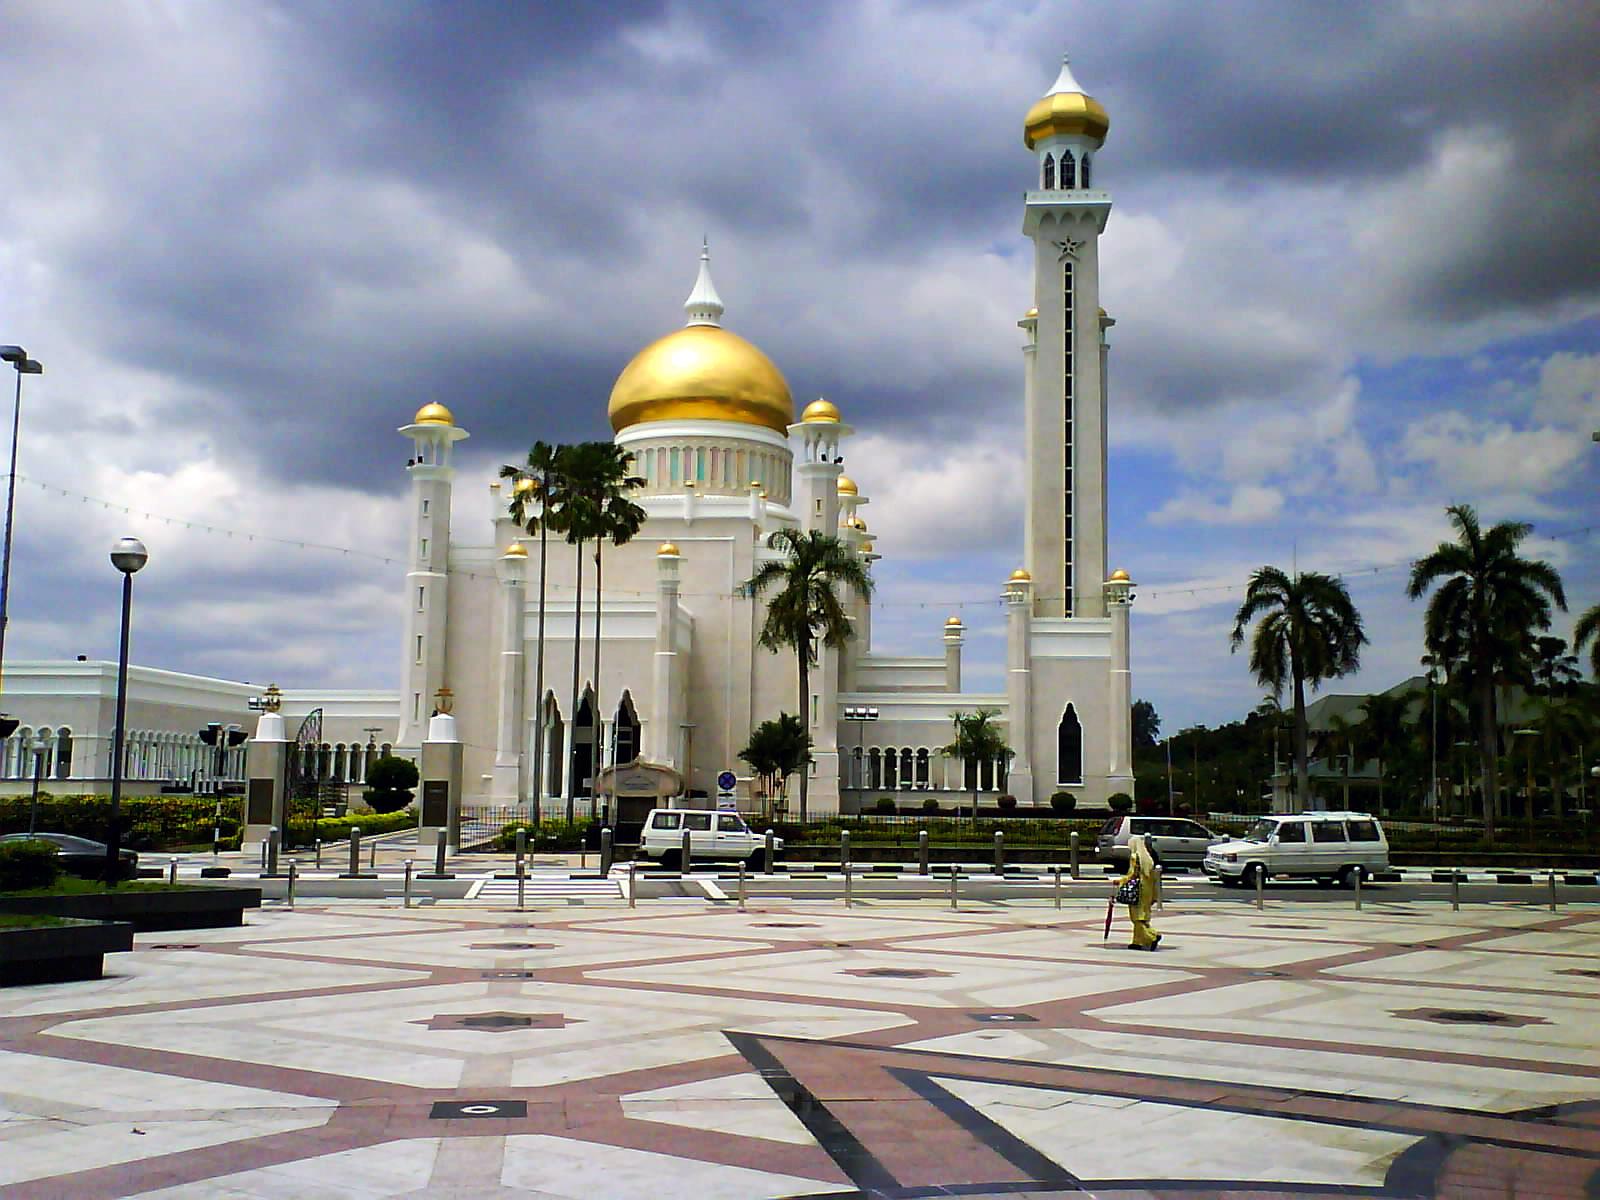 The minaret | Wikipedia